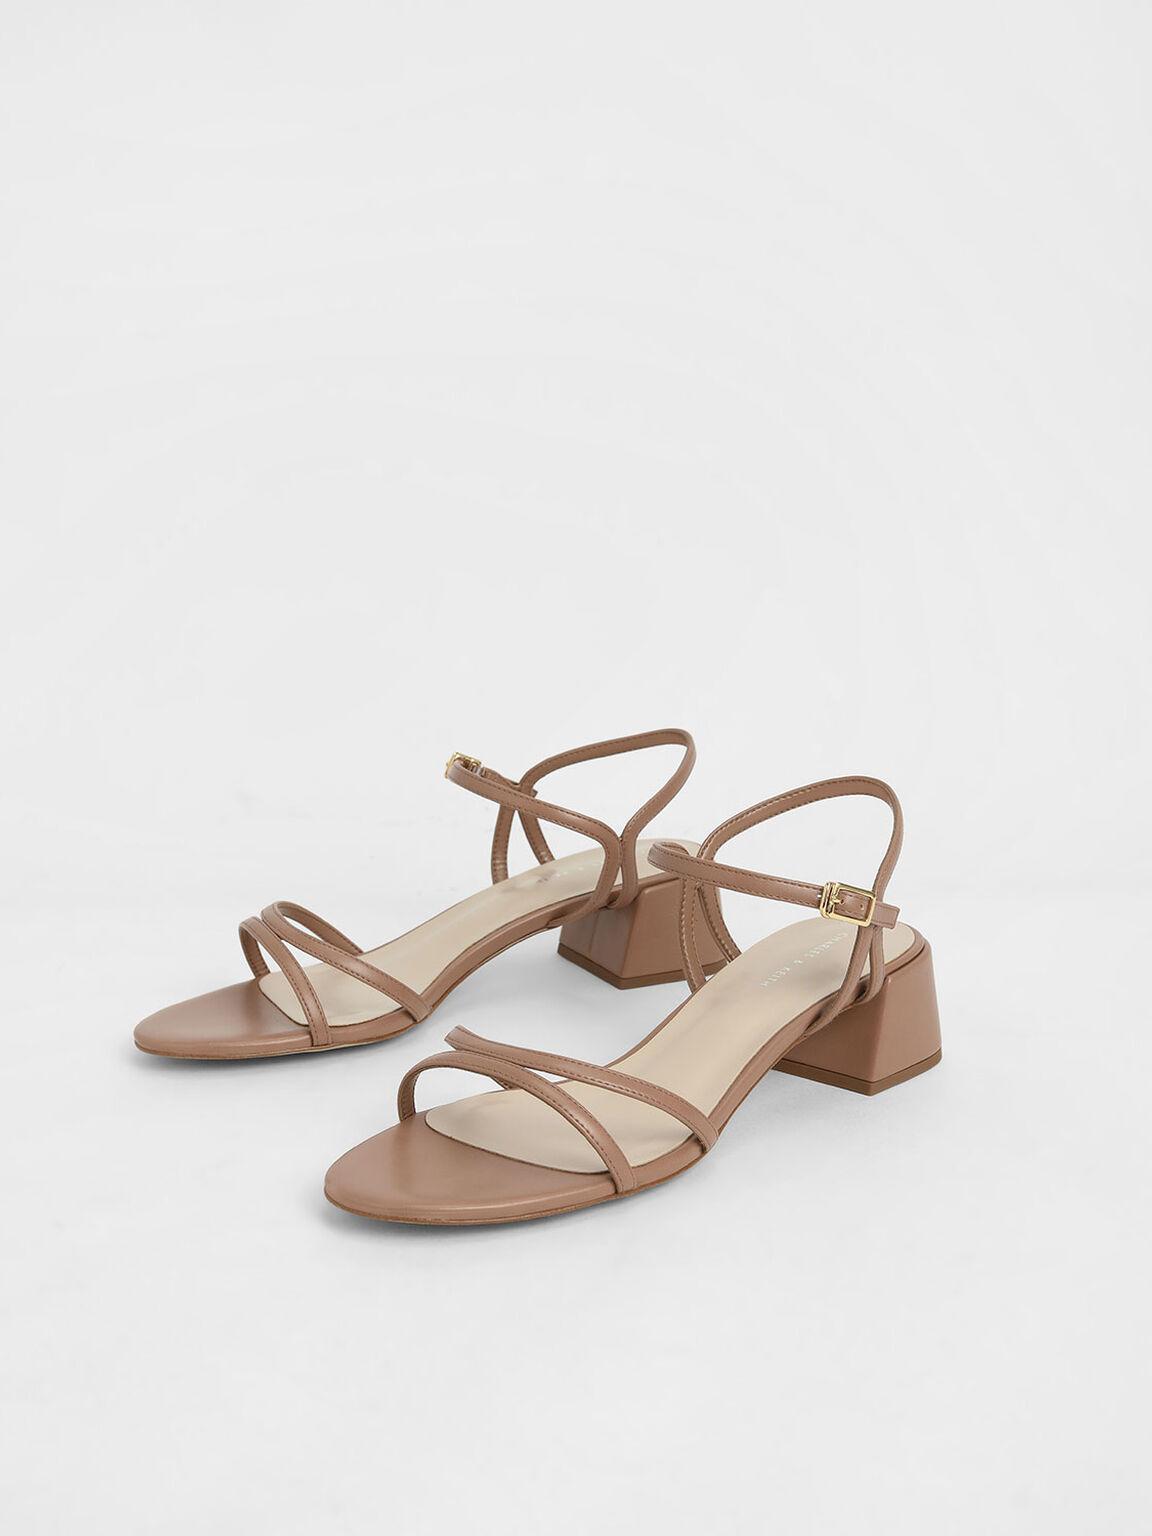 Strappy Block Heel Sandals, Tan, hi-res